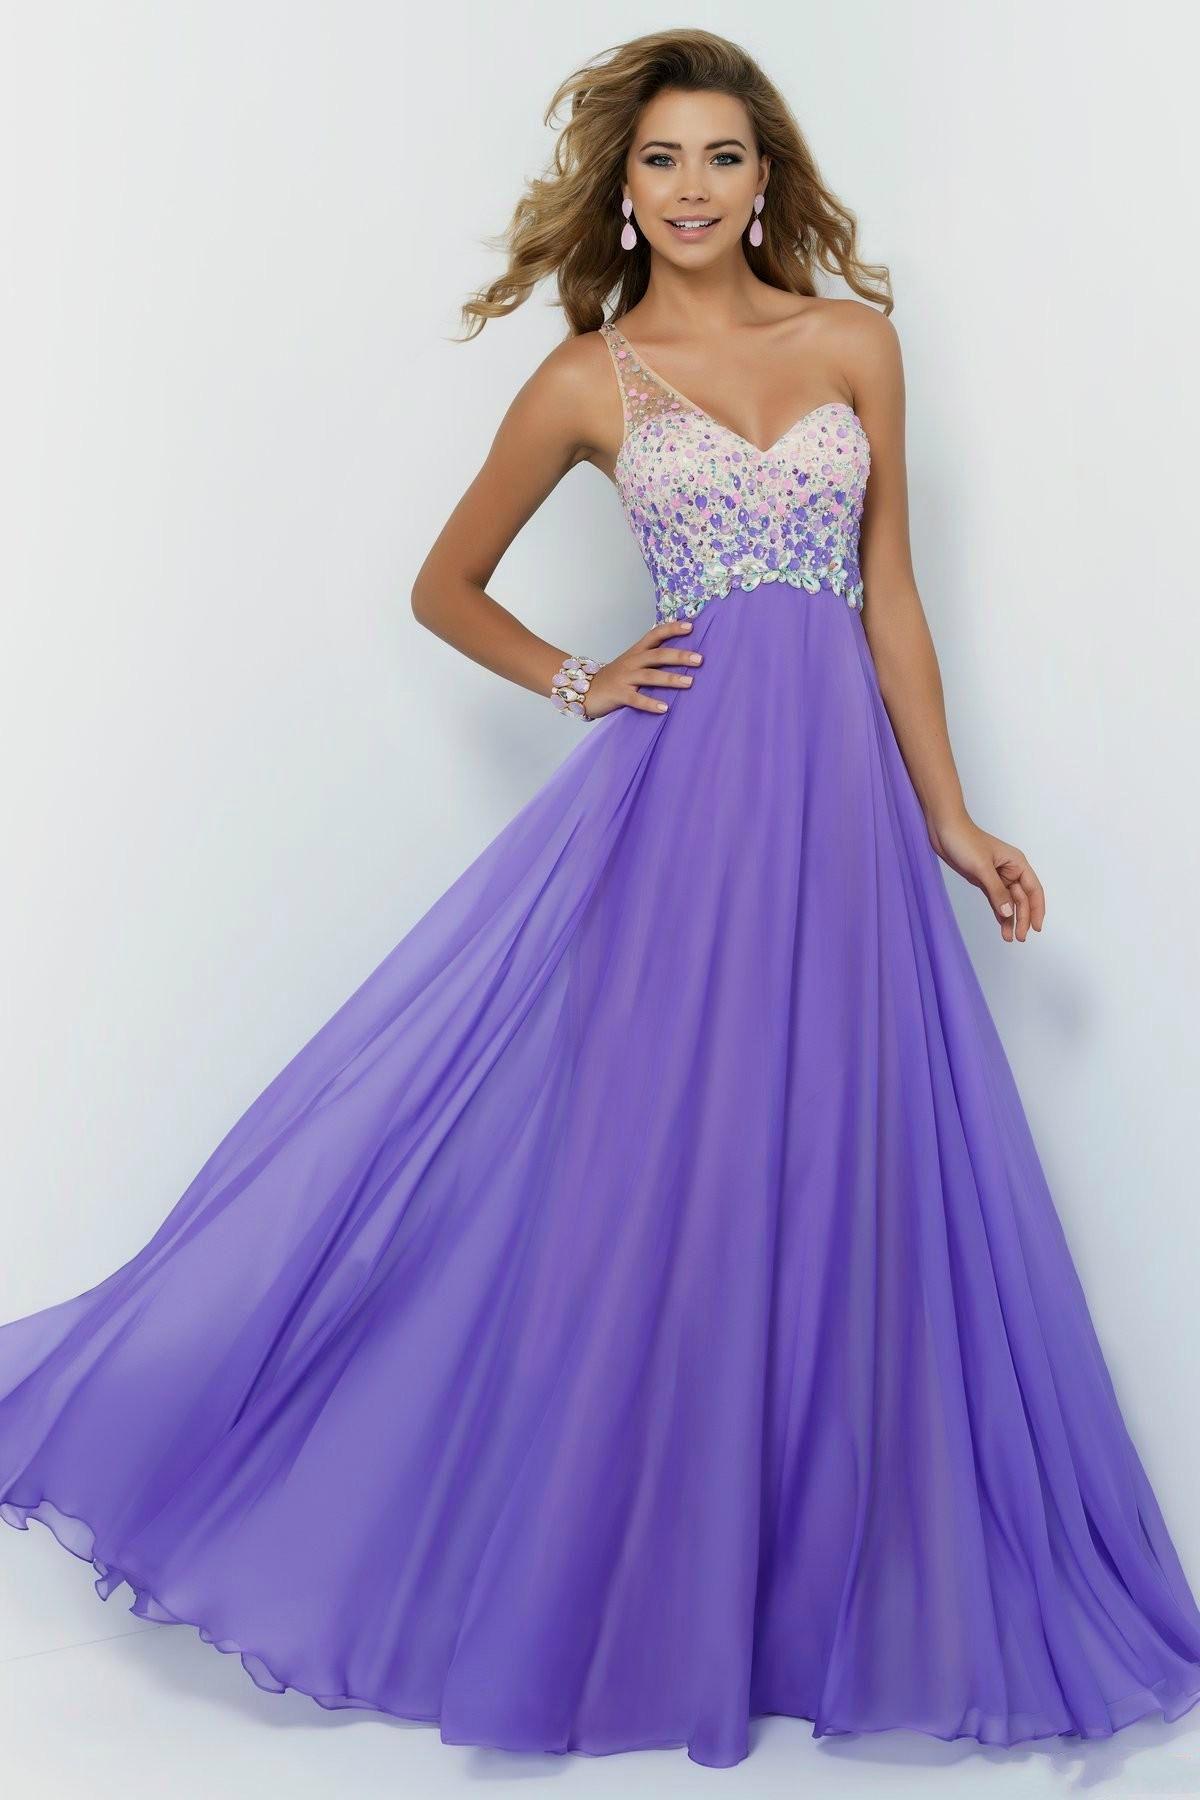 Stunning long prom dresses one shoulder evening dress aline